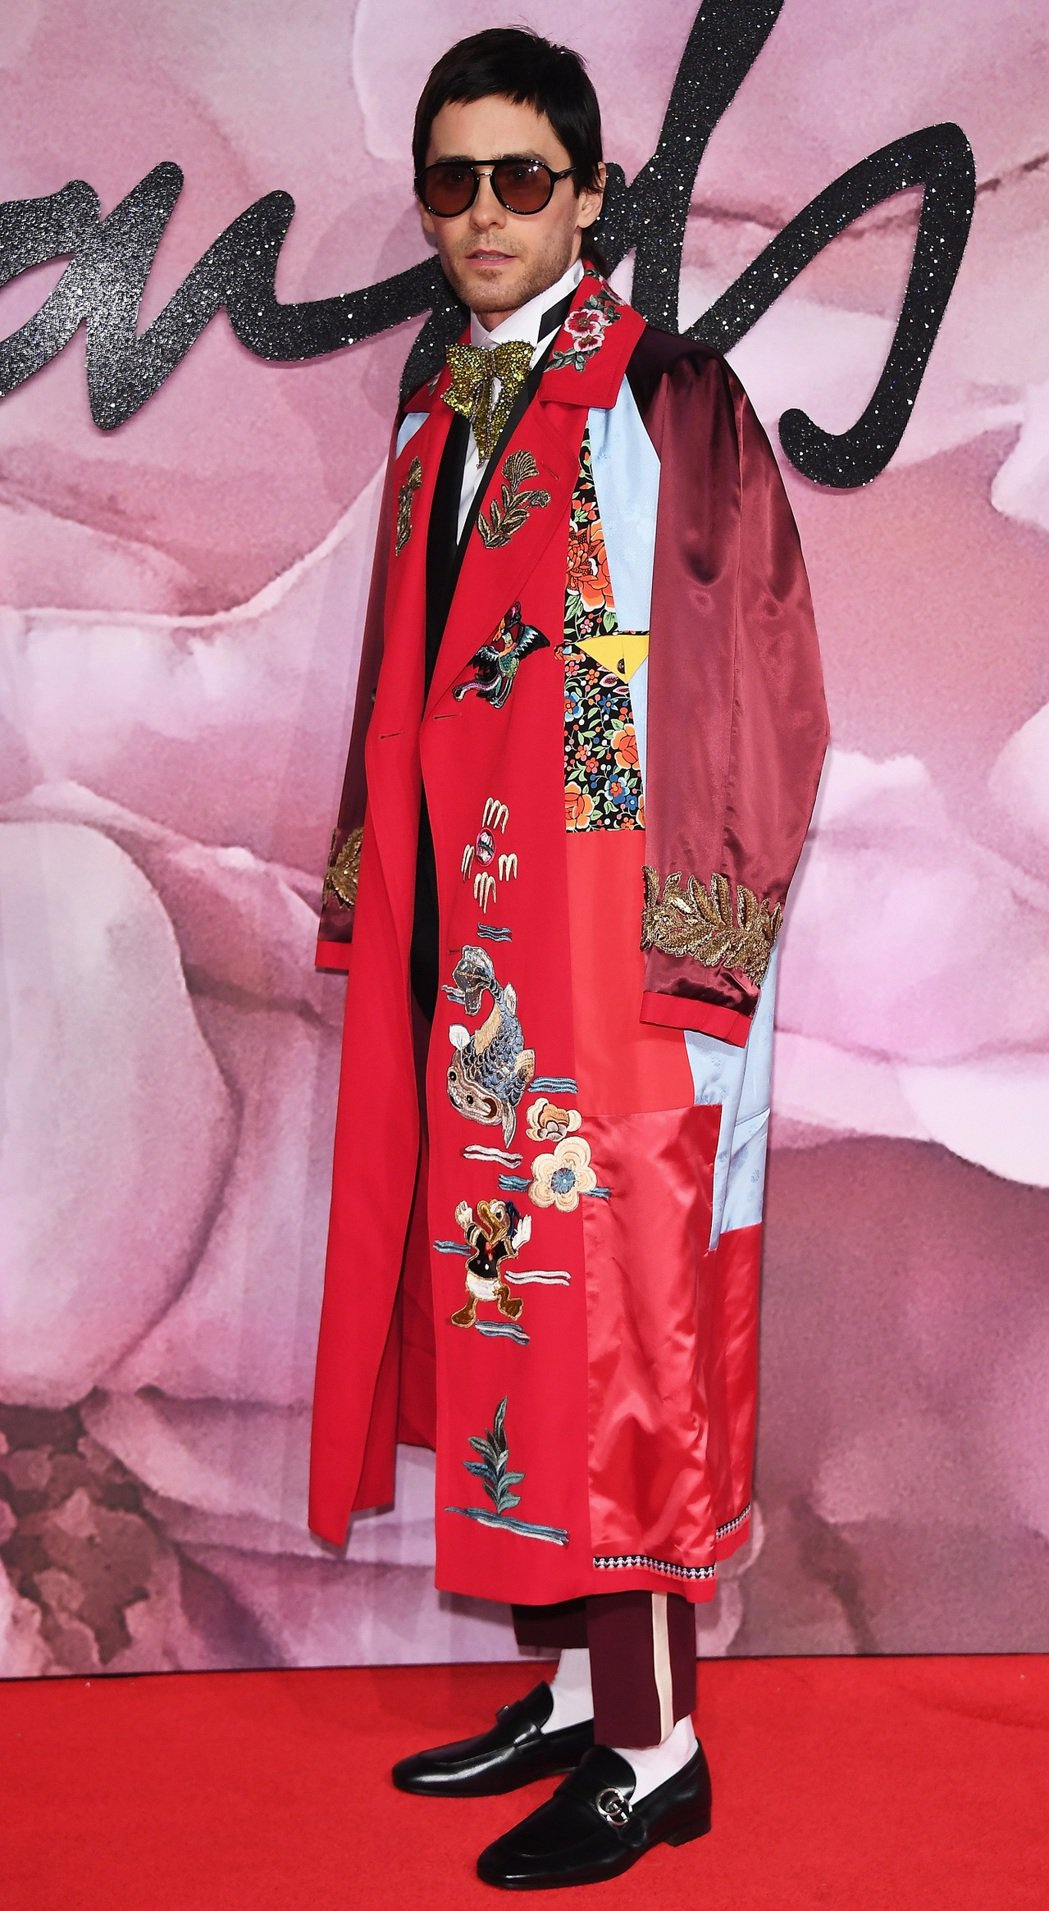 傑瑞德雷托穿上Gucci 2017春夏長版唐老鴨刺繡罩衫搭配亮片刺繡領結,無論是...